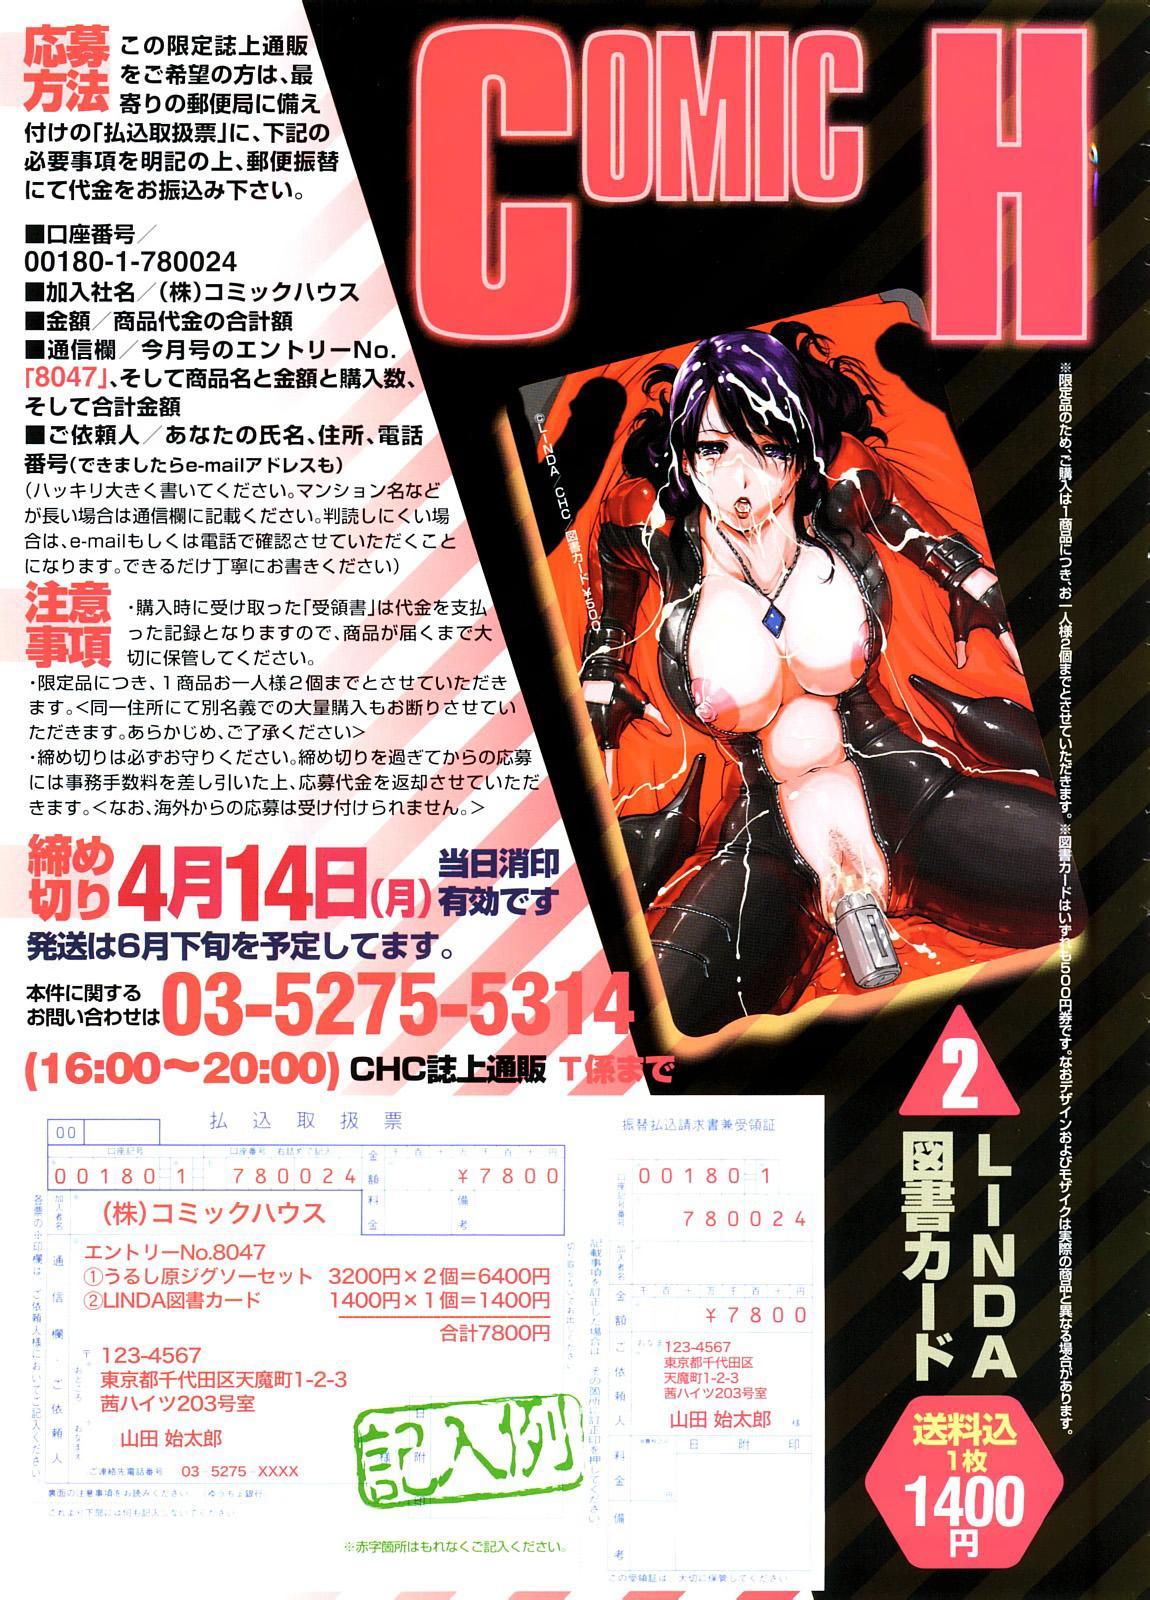 COMIC TENMA 2008-04 9